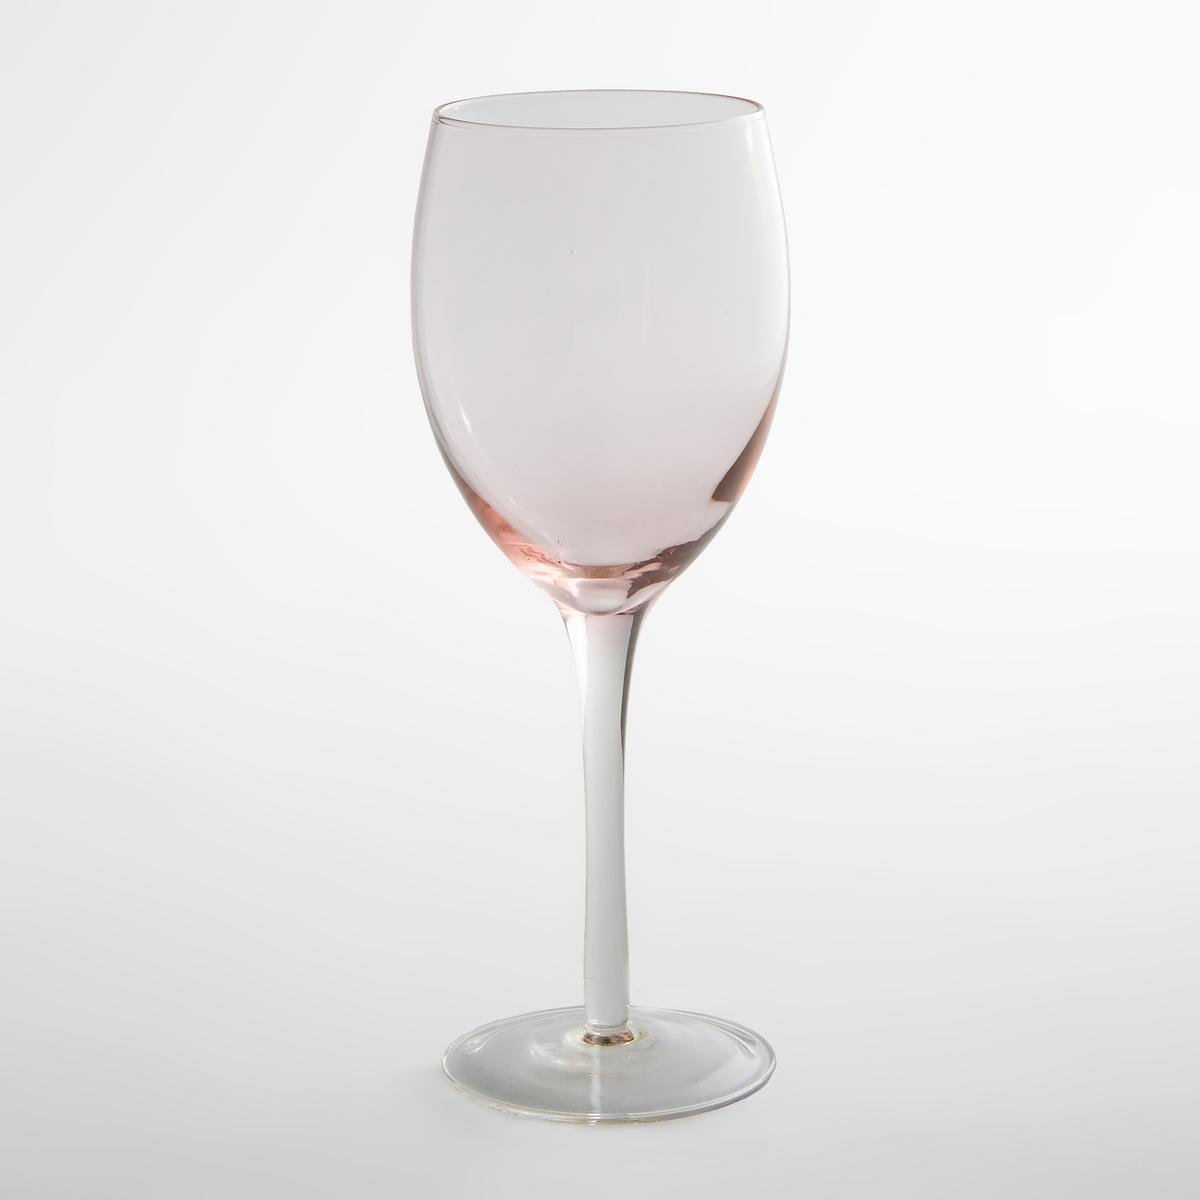 Комплект из 4 бокалов для водыКомплект из 4 прозрачных бокалов для воды La redoute Int?rieurs. Темно-розовый узор на дне в современном дизайне. Характеристики 4 бокалов для воды  :- Прозрачные бокалы для воды с темно-розовым узором на дне- Диаметр : 7 см- Высота : 21,5 см - Подходят для мытья в посудомоечной машине- В комплекте 4 бокала<br><br>Цвет: дымчато-розовый